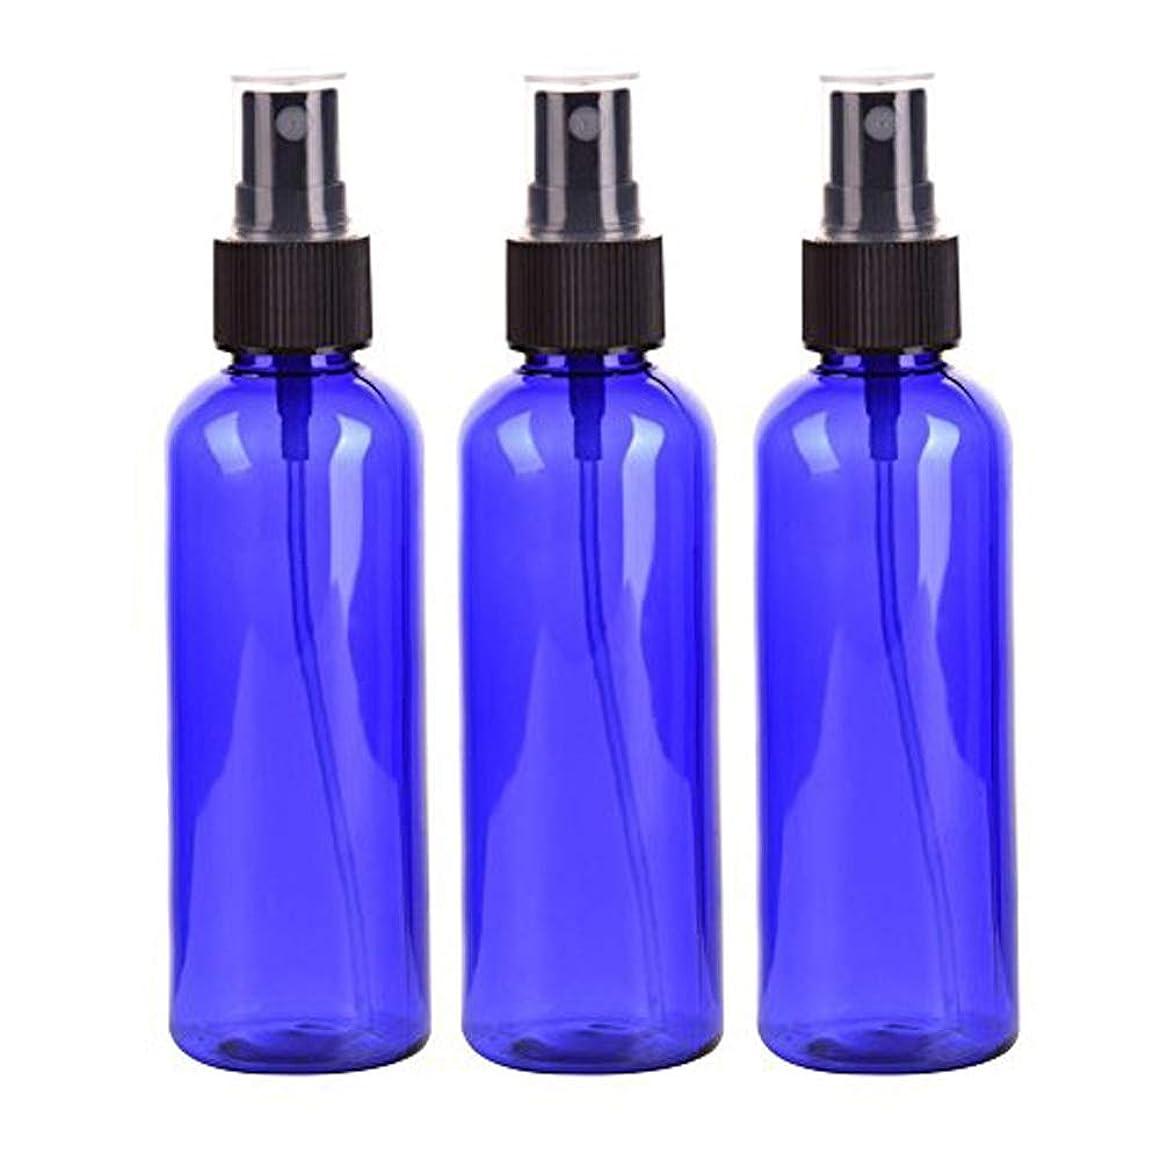 Lindexs スプレーボトル 50mL プラスチック ブルー黒ヘッド空容器 3本セット (青)